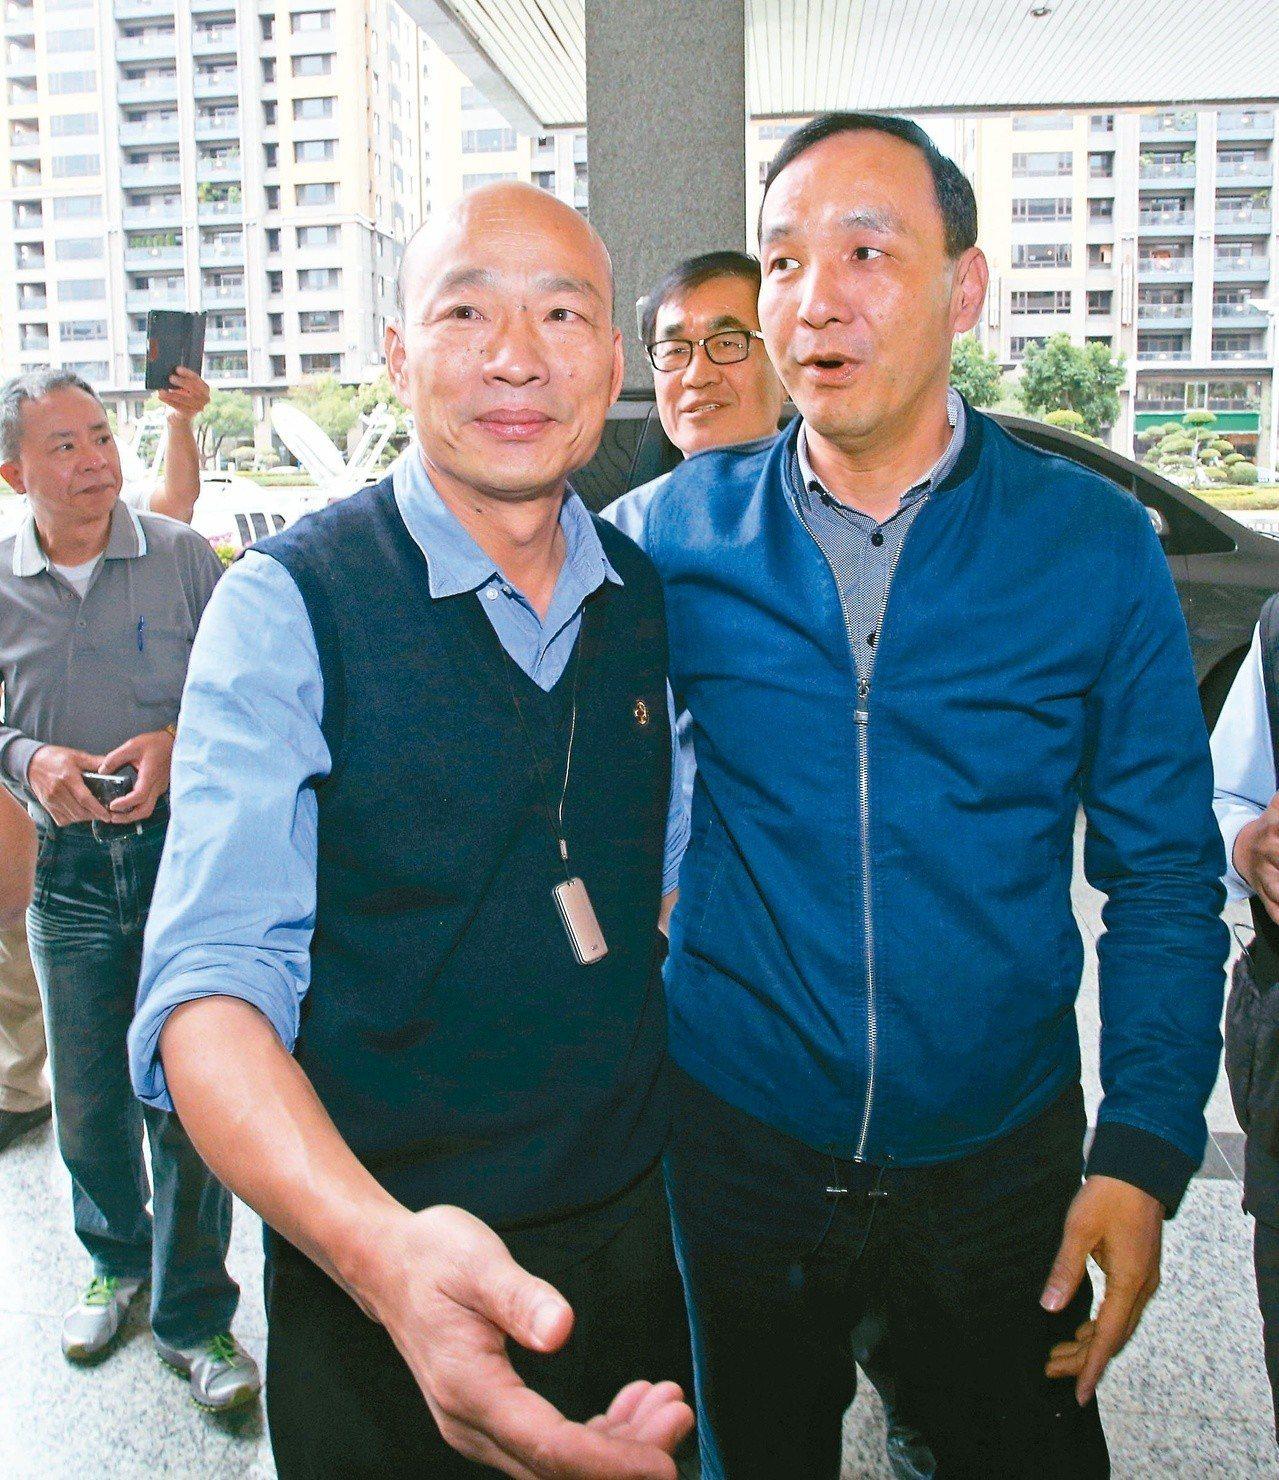 高雄市長韓國瑜(左)和新北市前市長朱立倫(右)。本報系資料照片